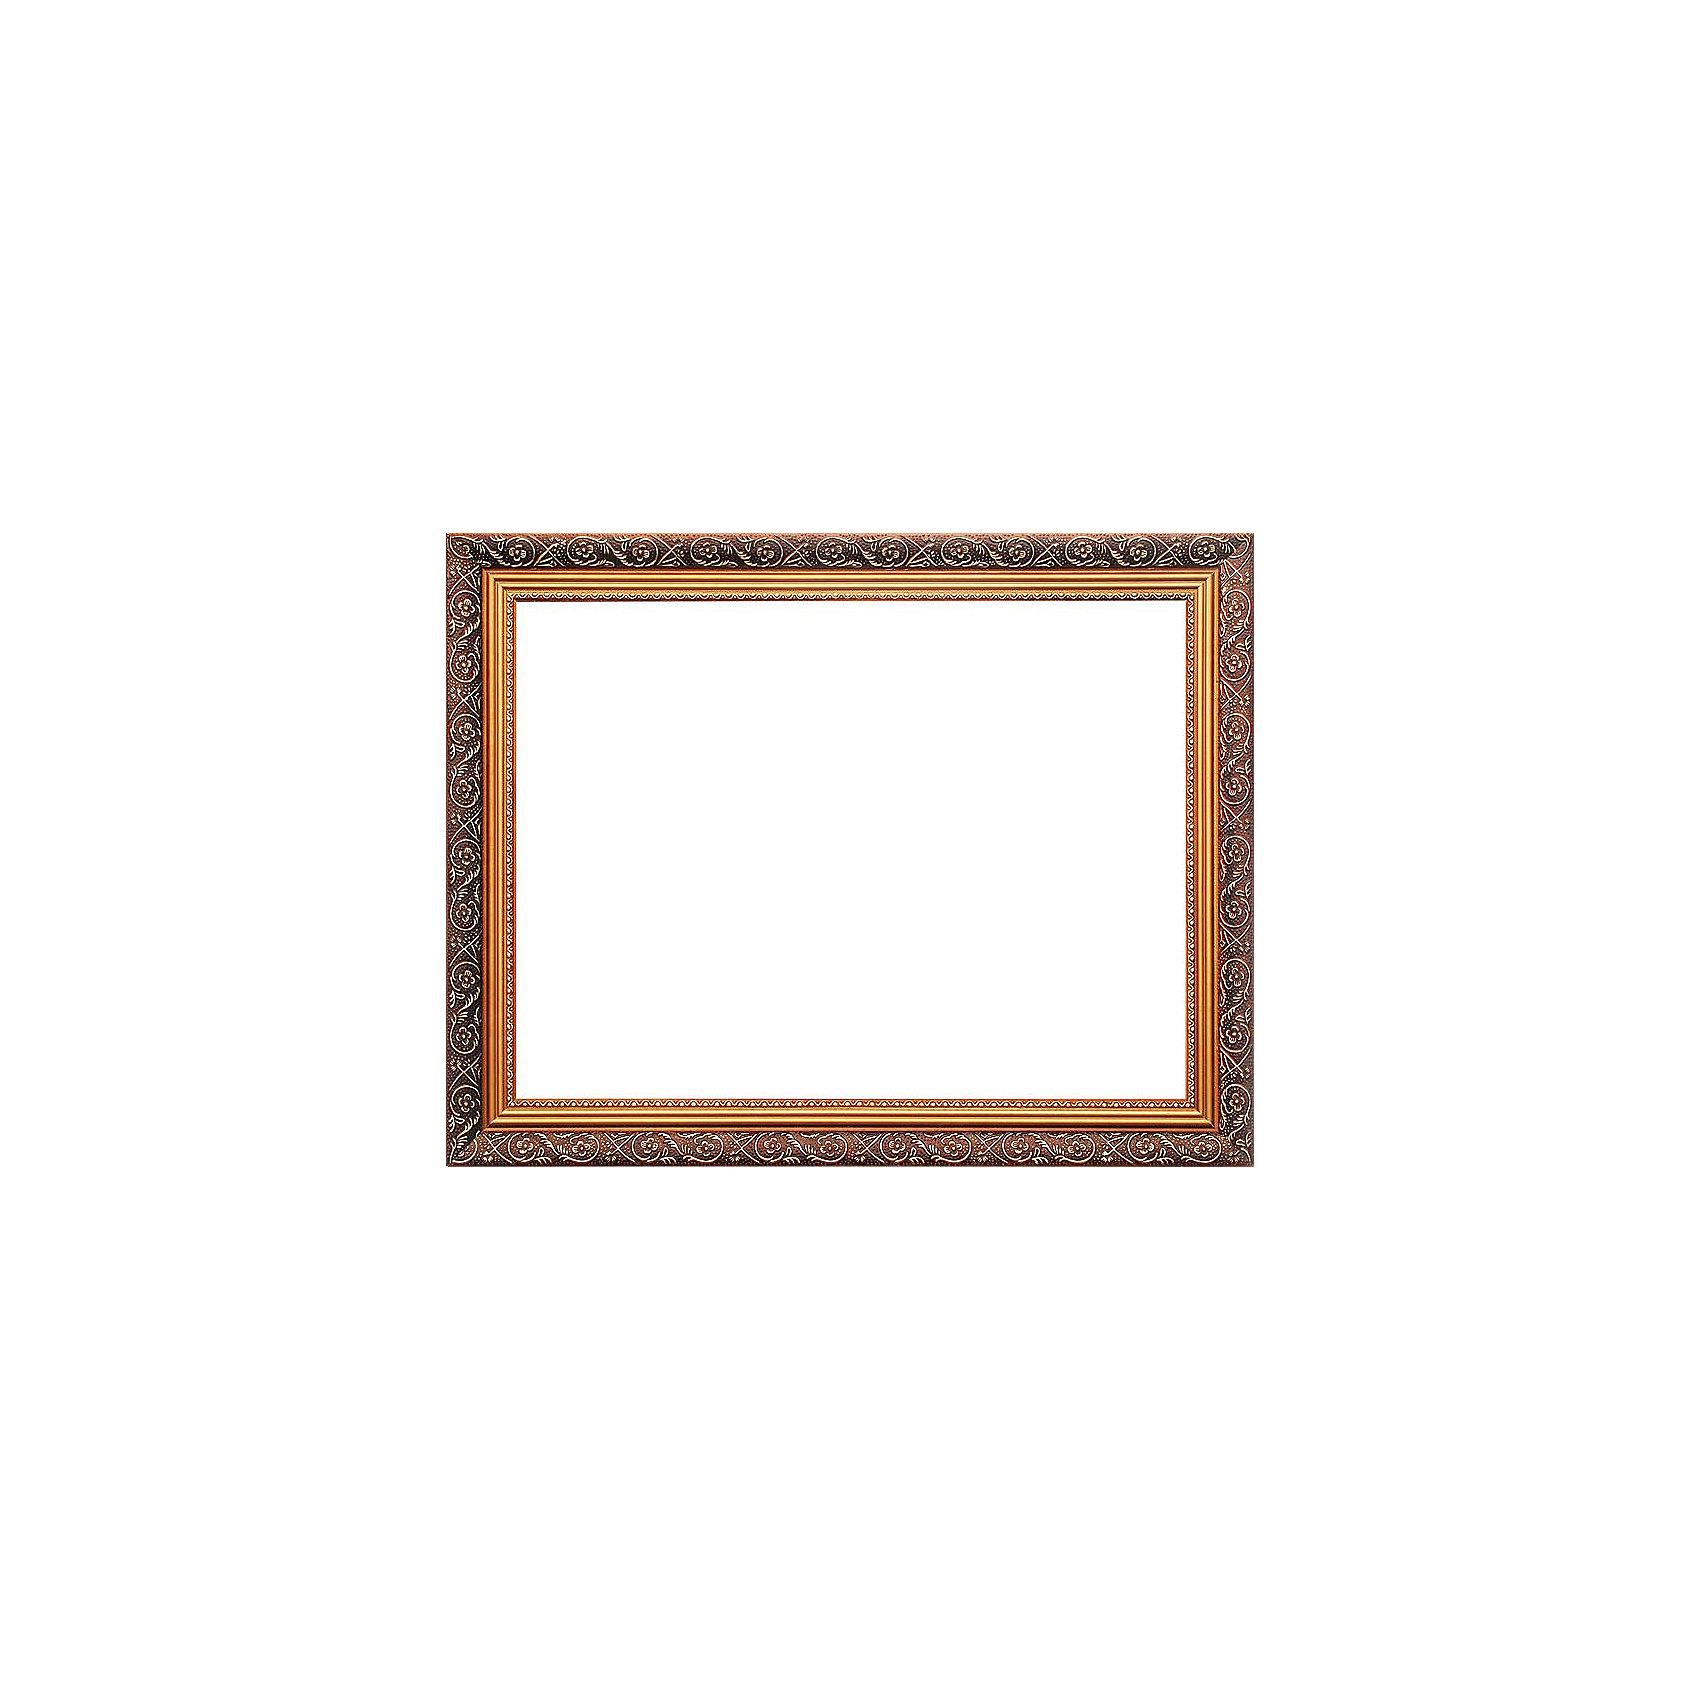 Багетная рама для картин 30х40см 1020-BL Isabelle (золотой) БелоснежкаАксессуары для творчества<br>Характеристики товара:<br><br>• возраст: от 12 лет;<br>• материал: дерево, пластик;<br>• размер для картин: 30х40х2 см.;<br>• цвет: коричневый с золотым орнаментом;<br>• сечение: 2х4 см;<br>• вес: 980 гр.;<br>• бренд: Белоснежка;<br>• страна бренда: Россия;<br>• страна производства: Китай.<br>                                                                                                                                                                                                                                                                                                                       Багетная рама «1020-BL Isabelle (золотой)» - предназначена для оформления картин, вышивок и фотографий. Оформленное изделие всегда становится более выразительным и гармоничным и придает красивый законченный вид вашей работе. От подбора багета зависит как картина будет выглядеть на стене, станет ярким акцентом или оттенит существующий интерьер                             <br><br>Комплектация:<br>• багетная рама; <br>• крепление на раму - 2 шт;<br>• дополнительный держатель для холста;<br>• подложка из оргалита;<br>• инструкция.<br><br>Инструкция по использованию:<br>• снимите внешнюю упаковку;<br>• сзади на раме отогните металлические крепления и выньте оргалитовый лист-заглушку;<br>• вставьте готовую картину в раму.<br> <br>Внимание: при установке в раму картин на холсте следует учесть, что толщина подрамника больше толщины рамы и сзади будет выступать, рекомендуем дополнительно зафиксировать картину клеем, лист-заглушку в этом случае не вставляют.     <br><br>Багетная рама «1020-BL Isabelle (золотой)»,30х40 см, Белоснежка  можно купить в нашем интернет-магазине.<br><br>Ширина мм: 339<br>Глубина мм: 439<br>Высота мм: 21<br>Вес г: 975<br>Возраст от месяцев: 72<br>Возраст до месяцев: 2147483647<br>Пол: Унисекс<br>Возраст: Детский<br>SKU: 6997979